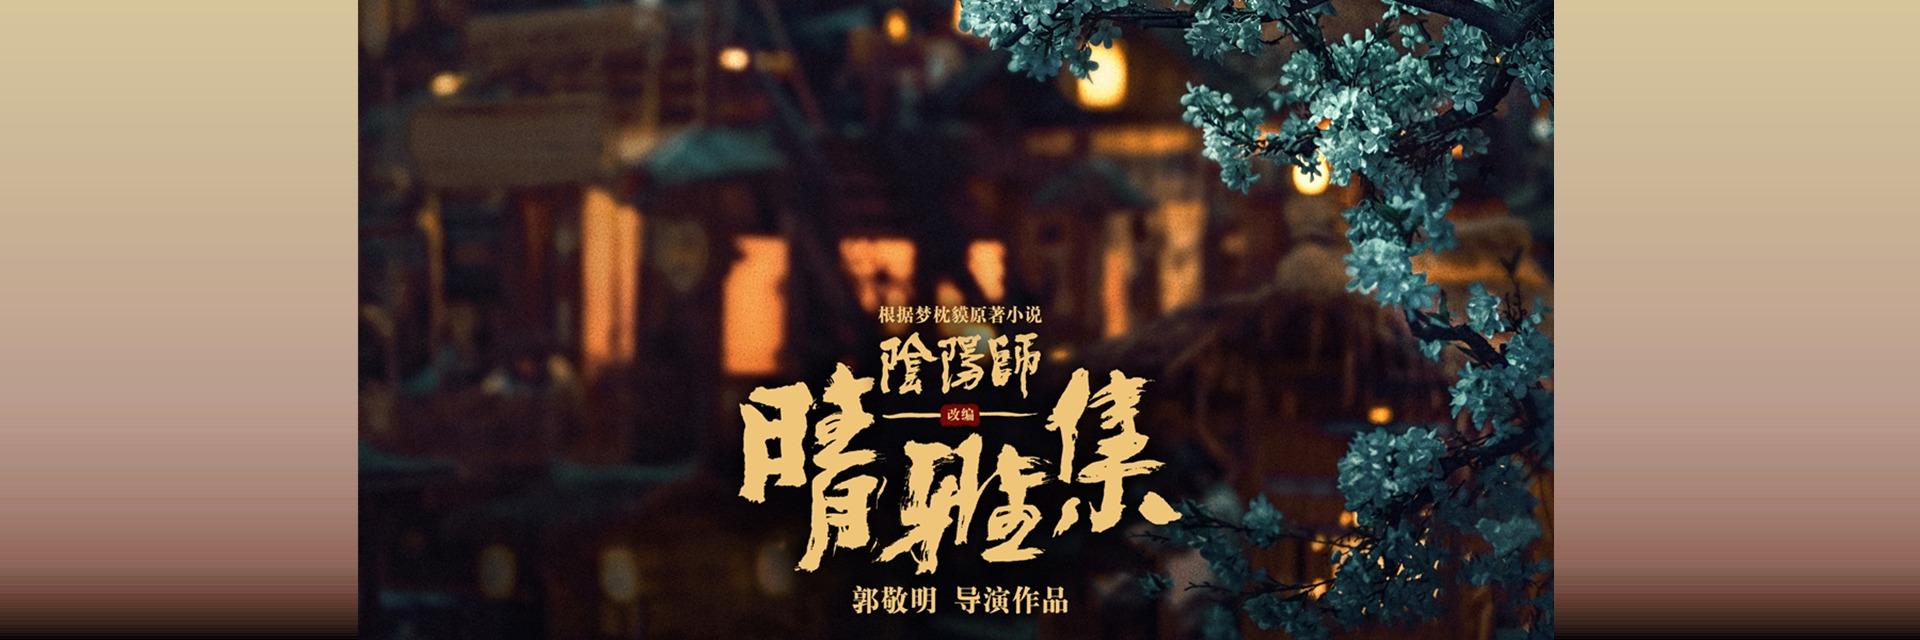 《晴雅集》曝终极海报 赵又廷邓伦王子文齐亮相